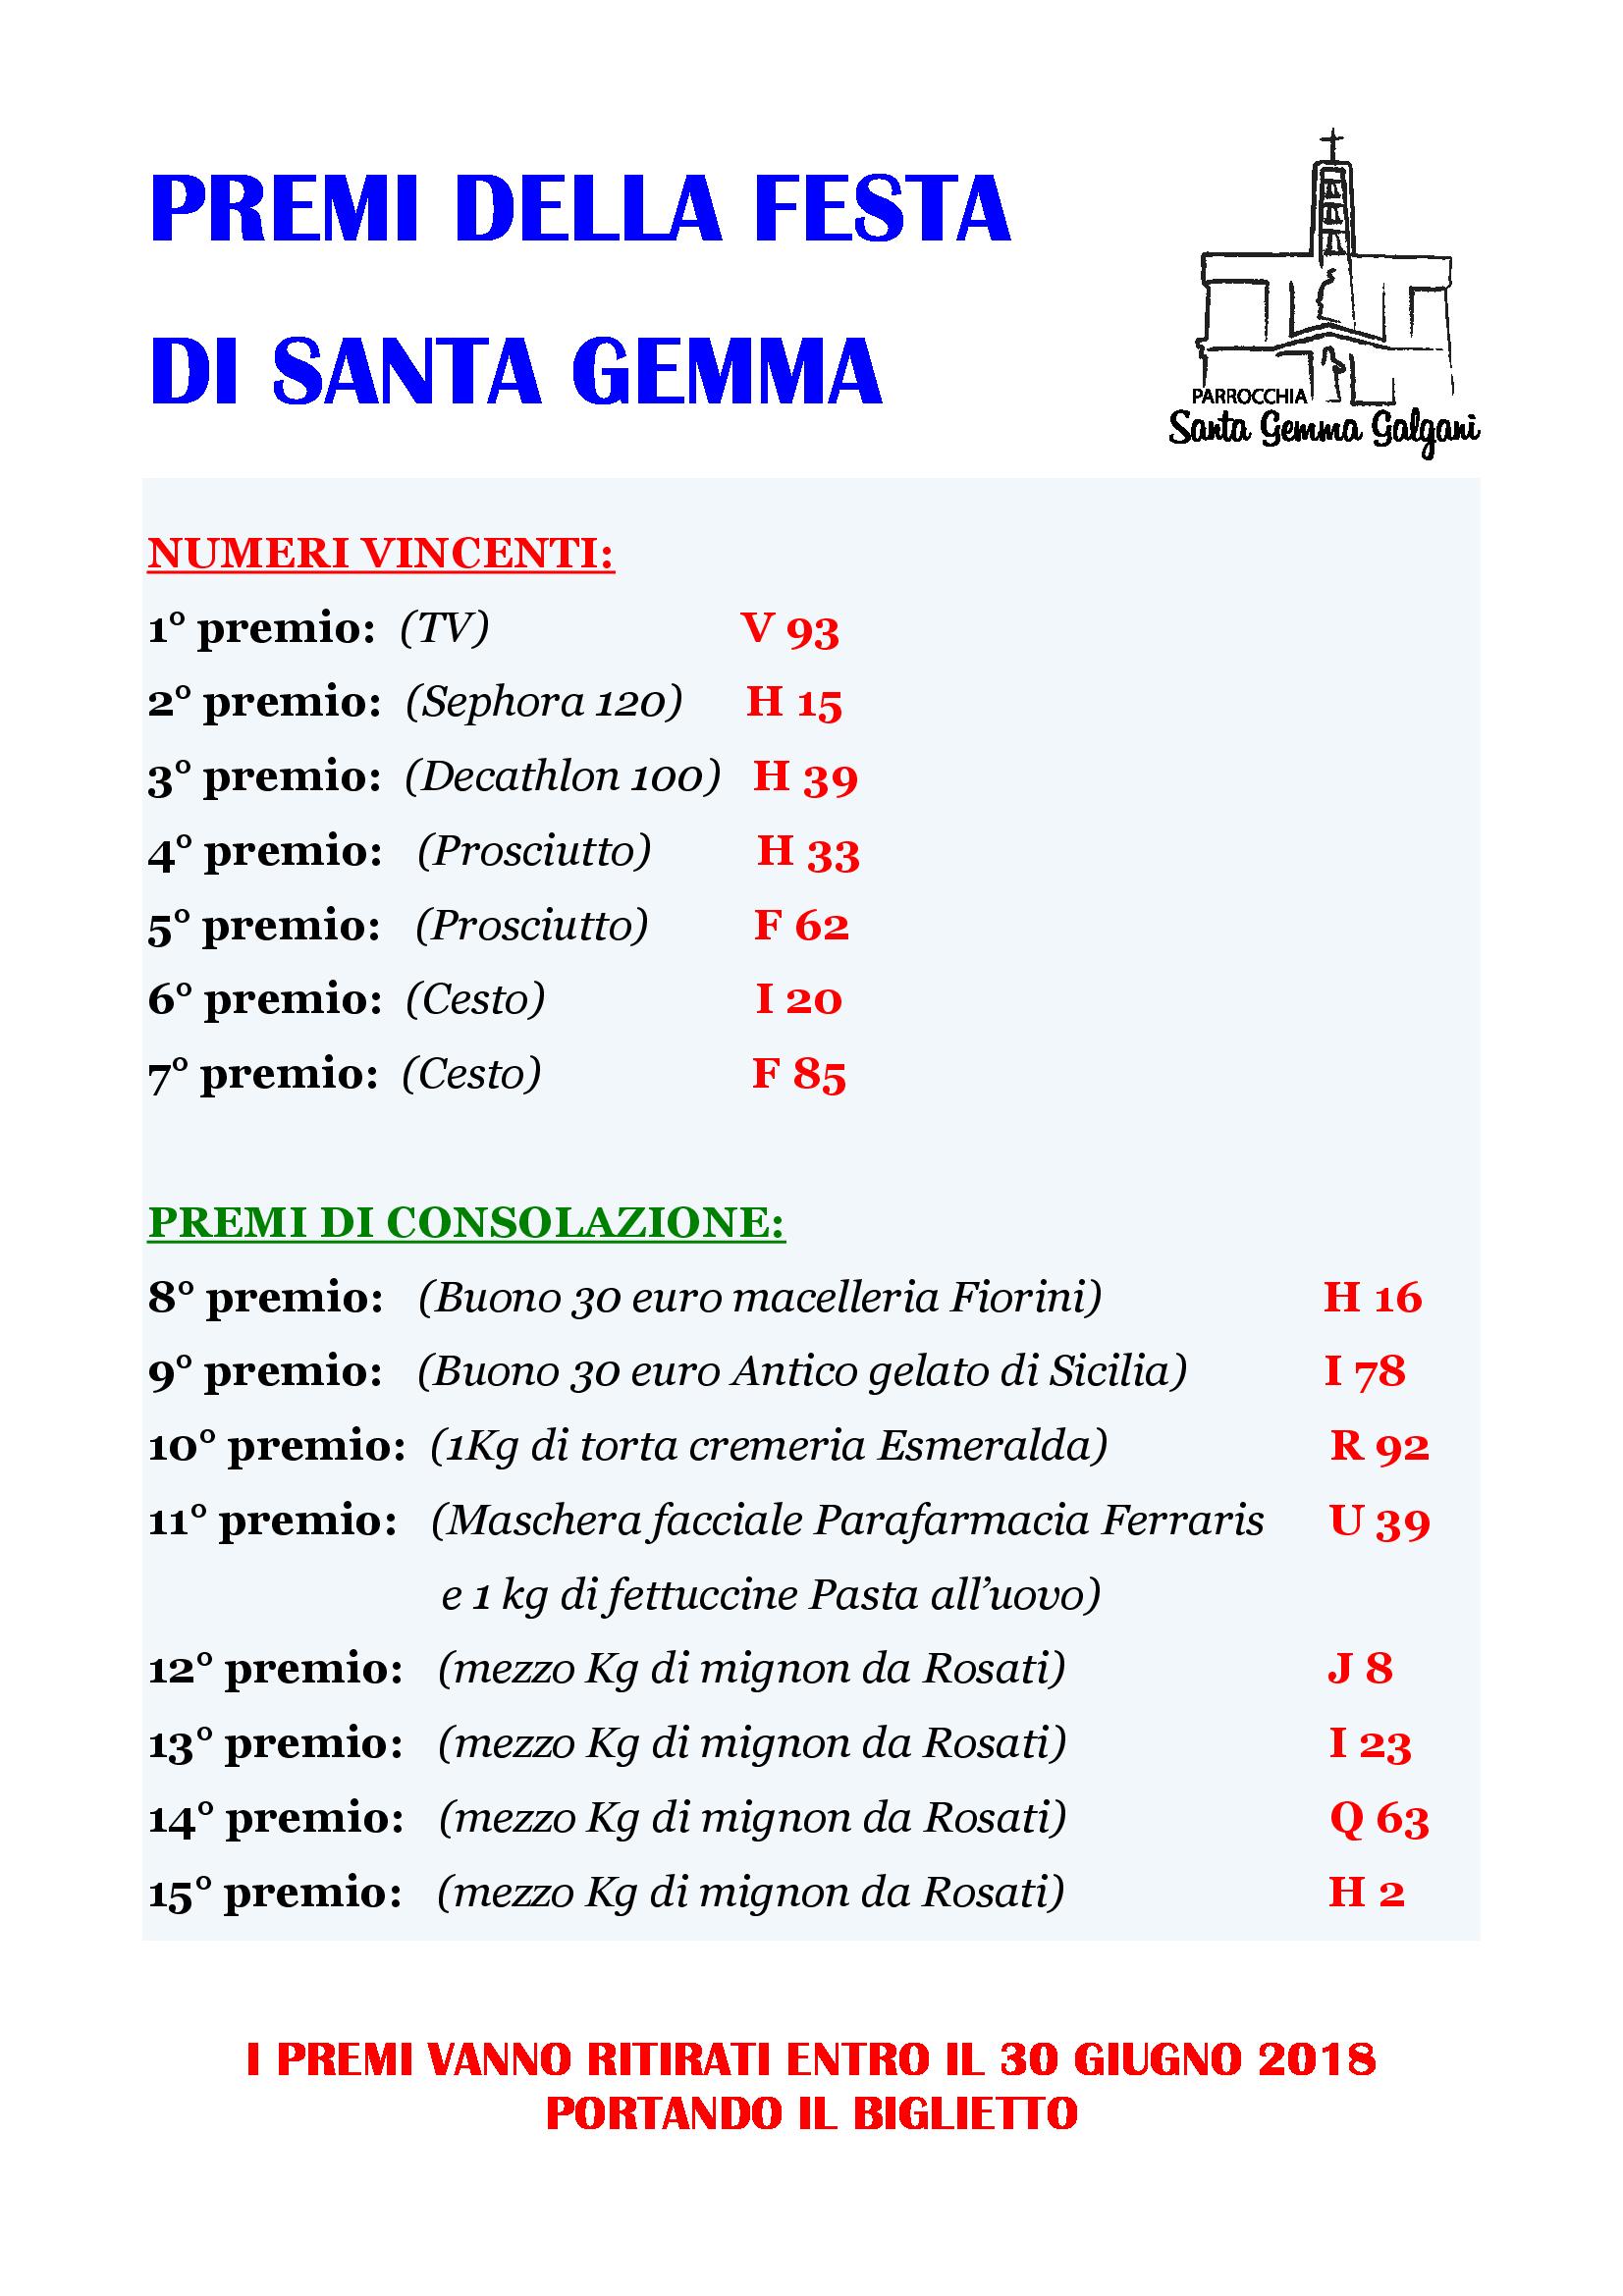 PREMI-DELLA-FESTA.jpg